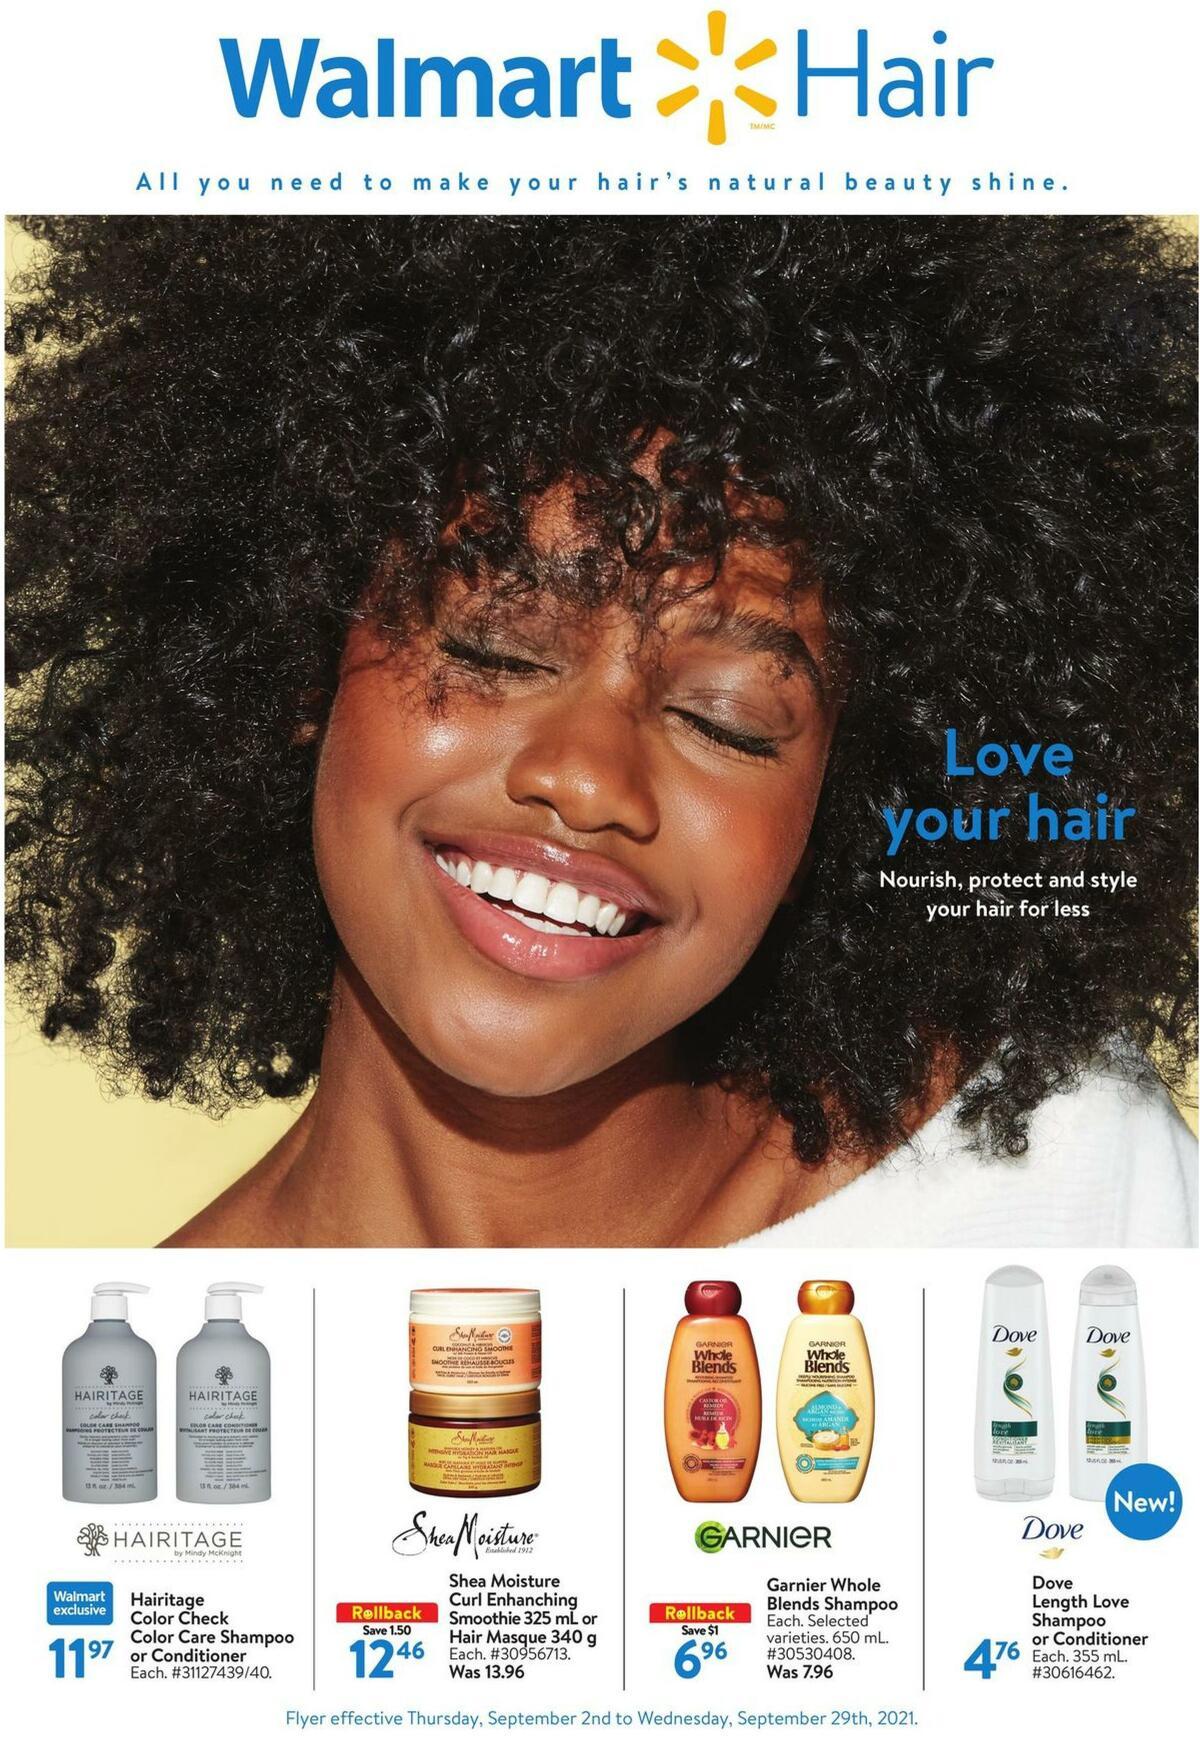 Walmart Style Books Flyer from September 2